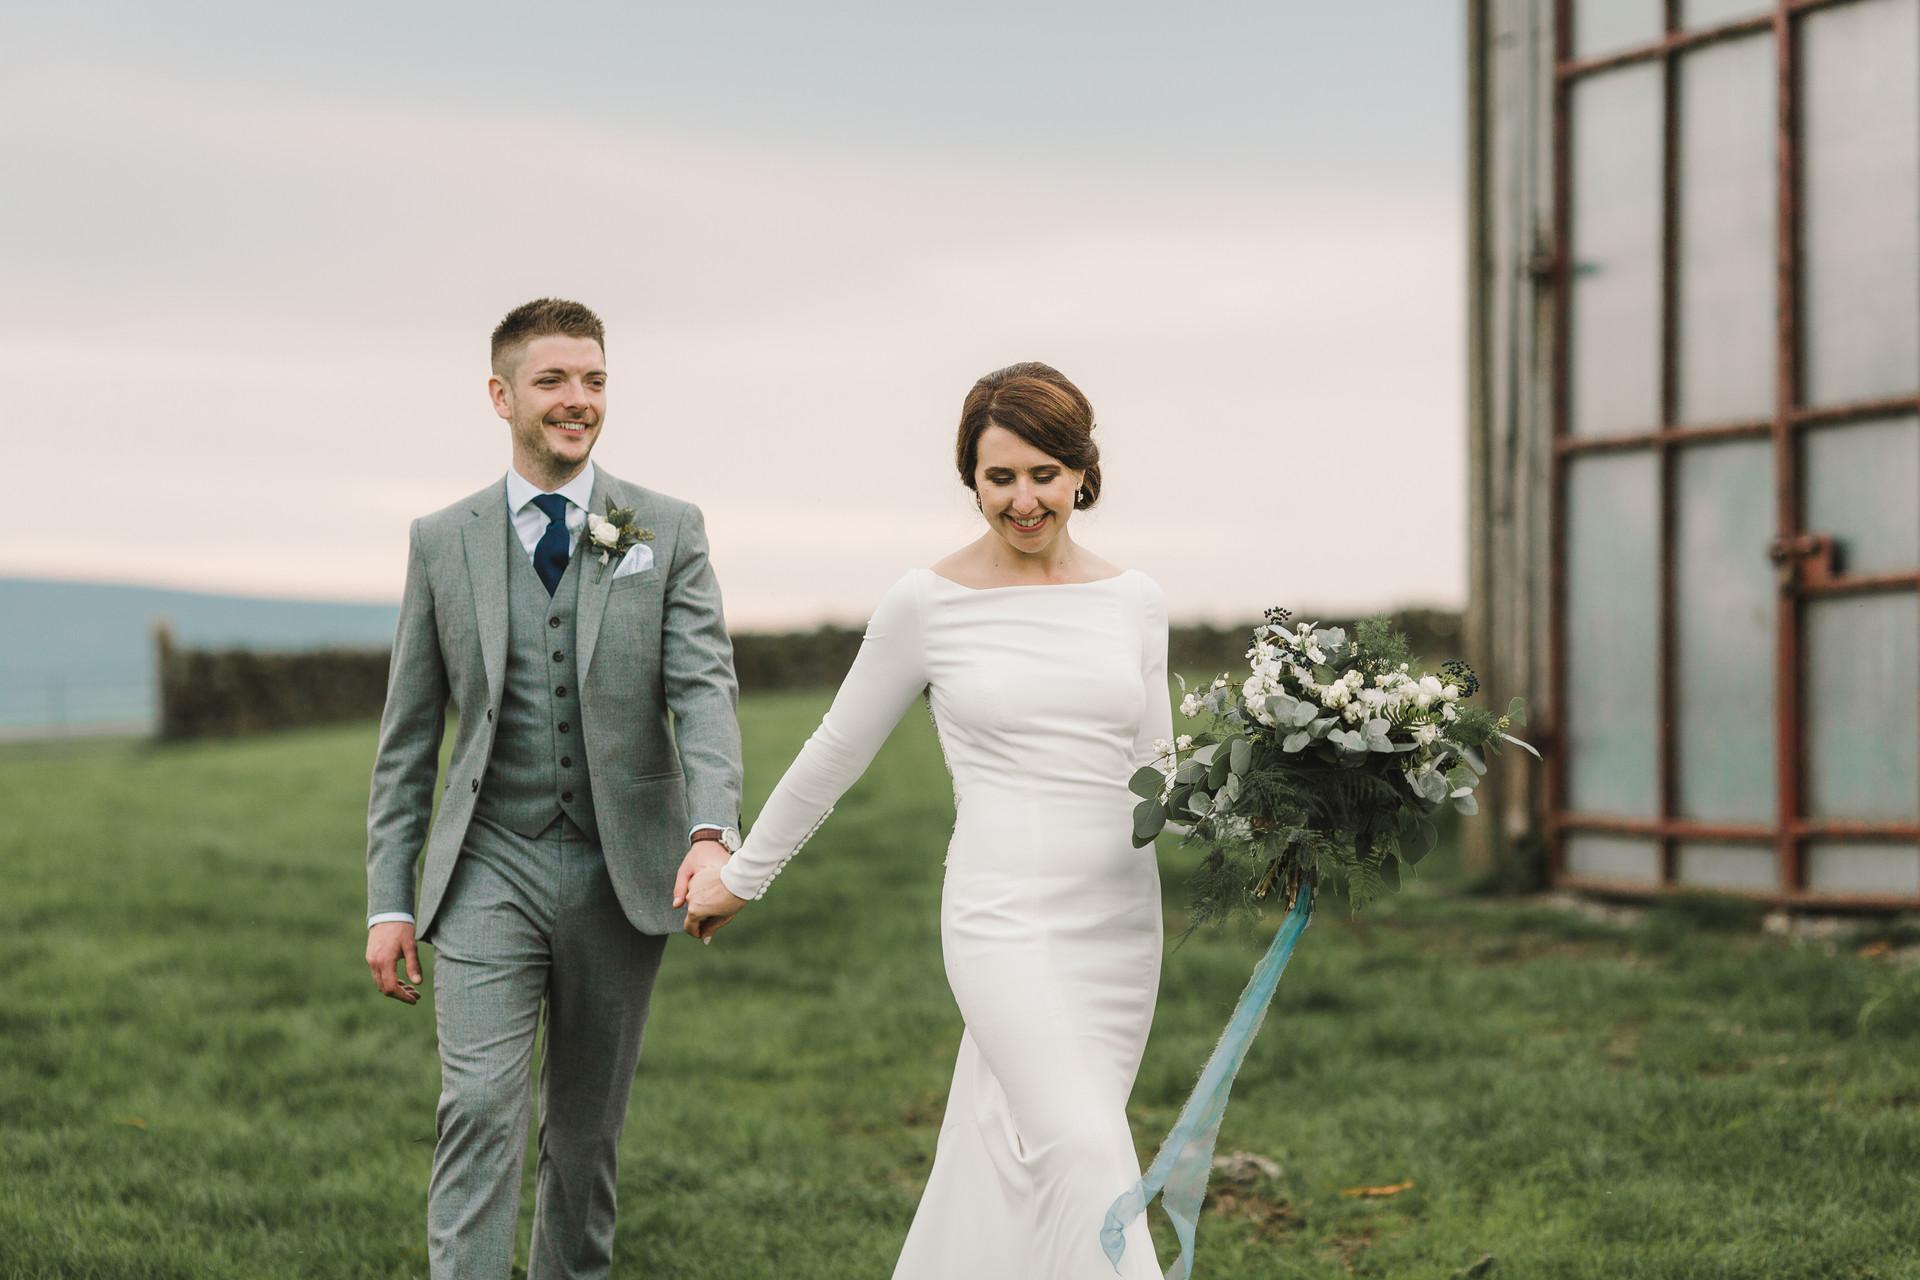 wedding at laneshaw bridge